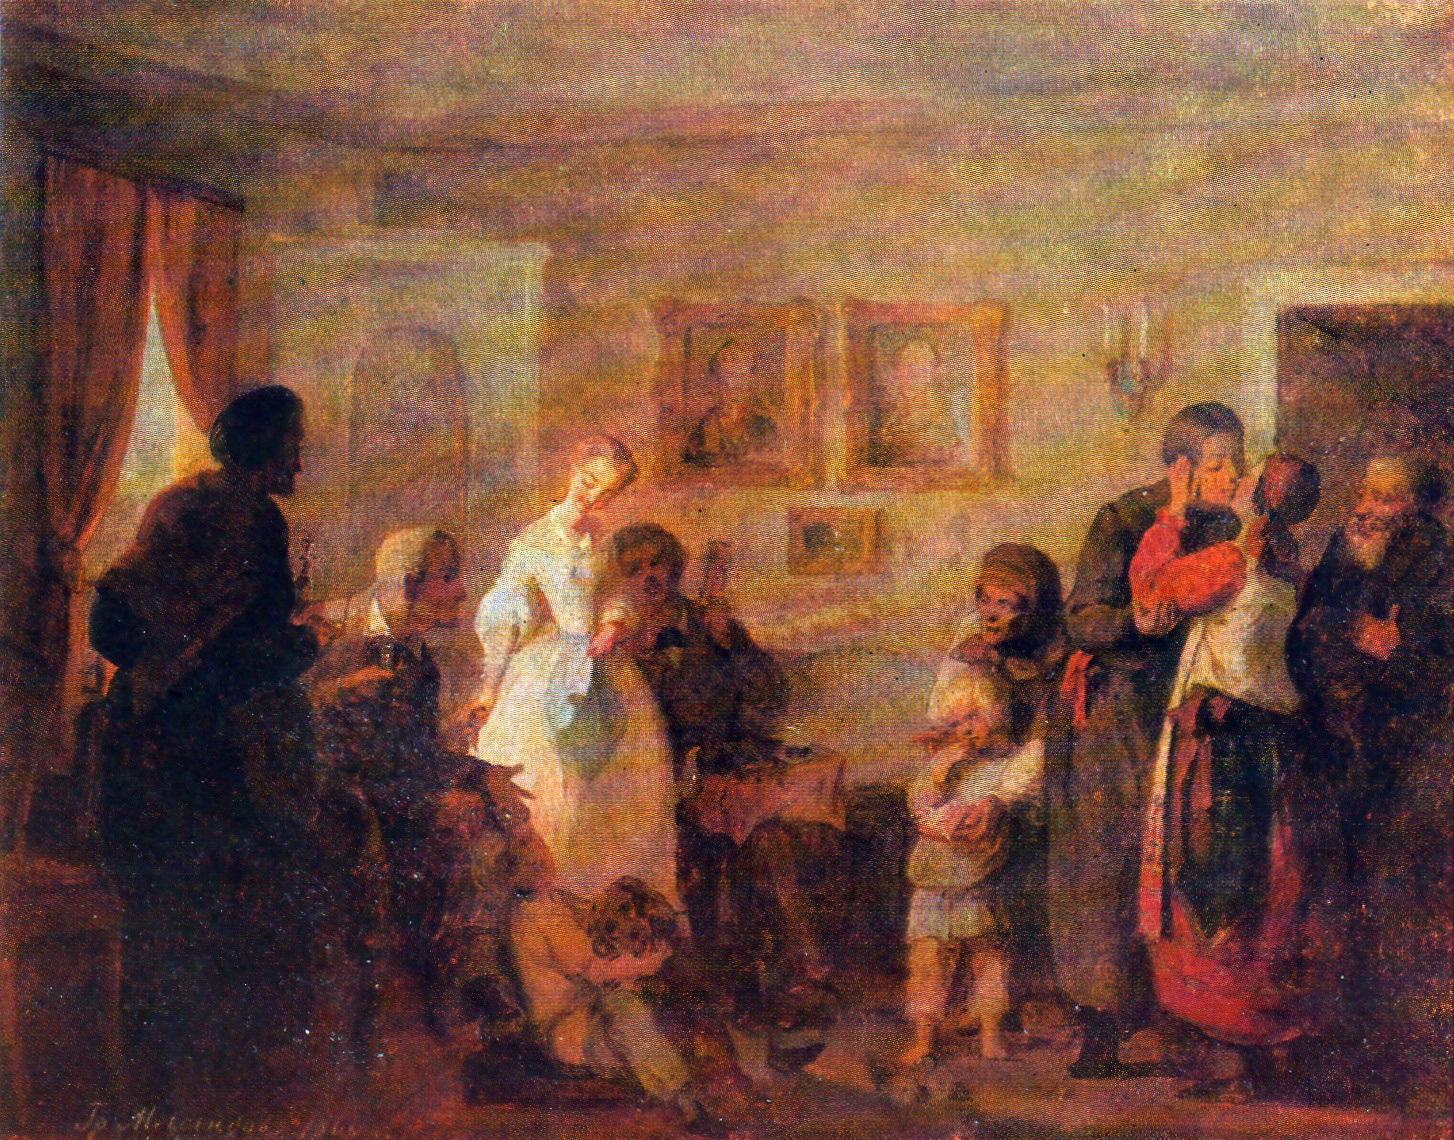 Мясоедов григорий григорьевич поздравление молодых в доме помещика фото 167